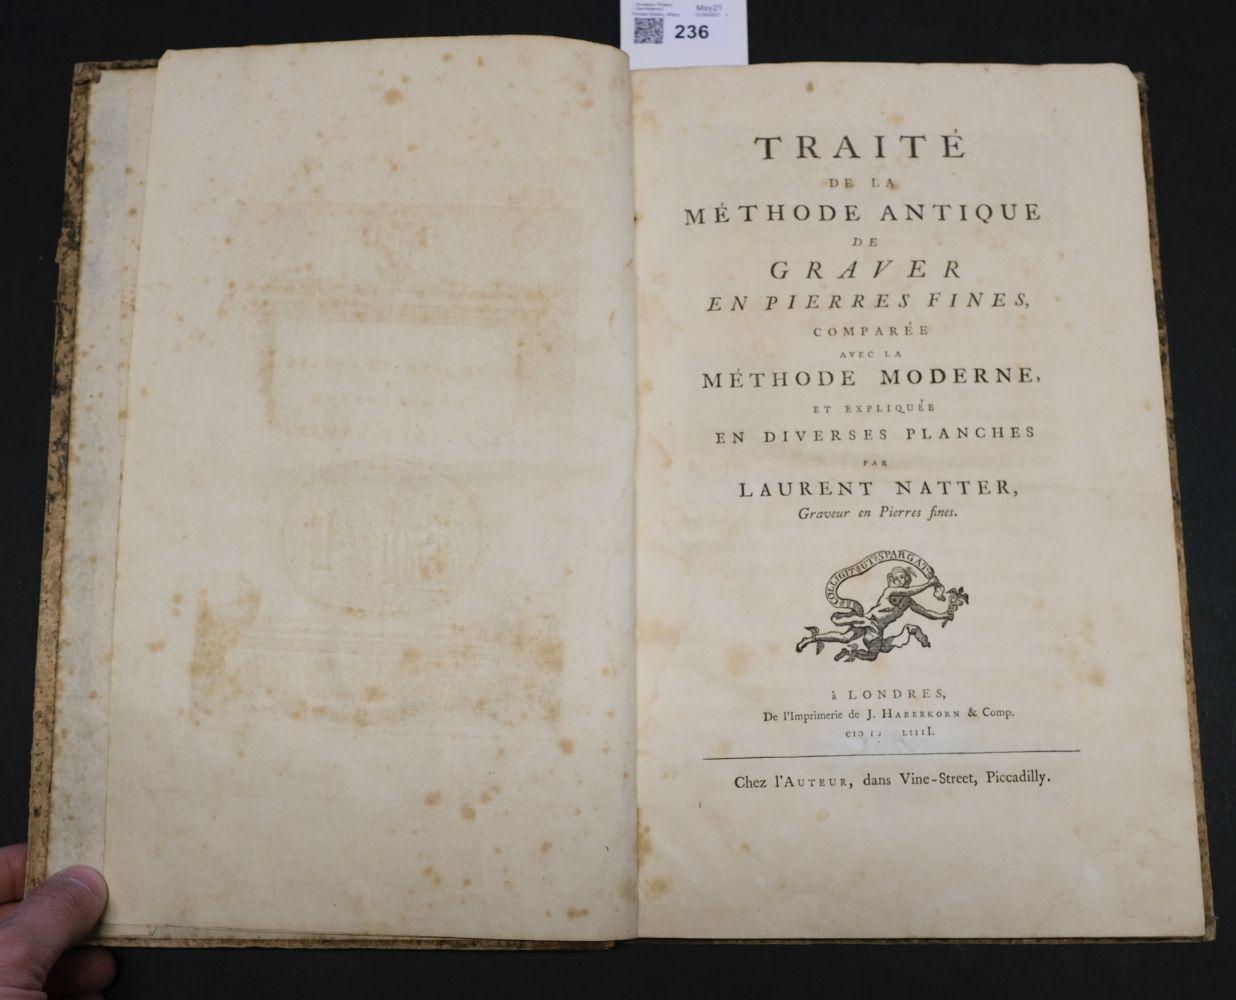 Natter (Johann Lorenz). Traite de la Methode Antique, 1754 - Image 5 of 7